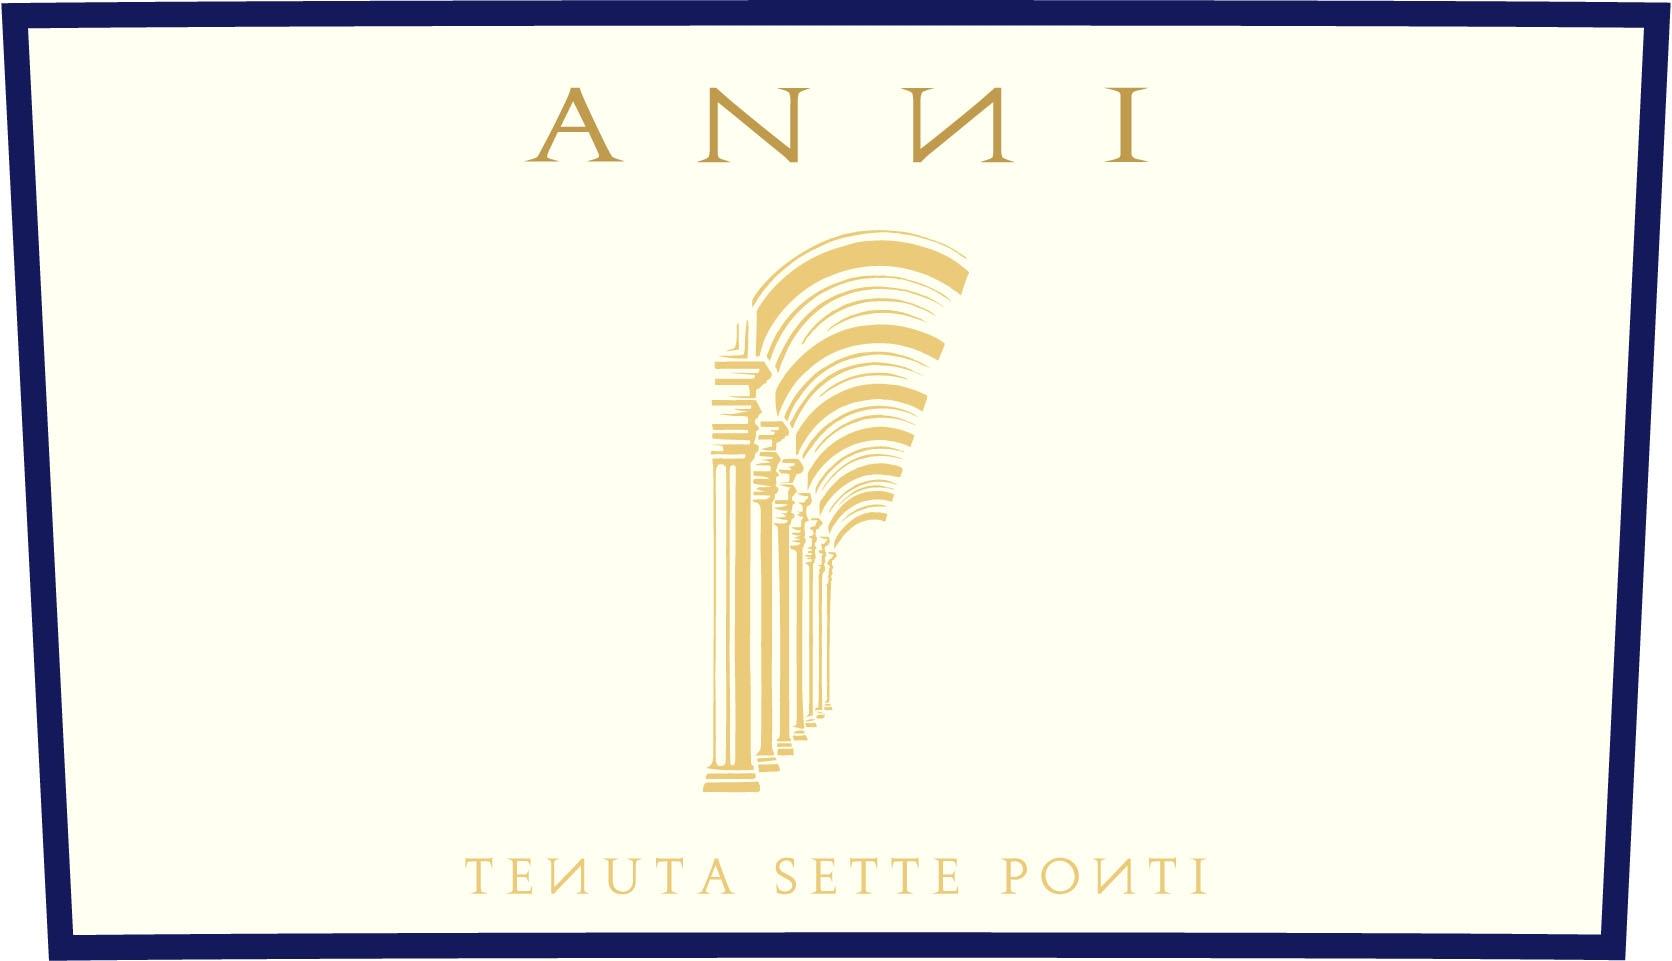 七桥安妮长相思干白Tenuta Sette Ponti Anni Sauvignon Blanc